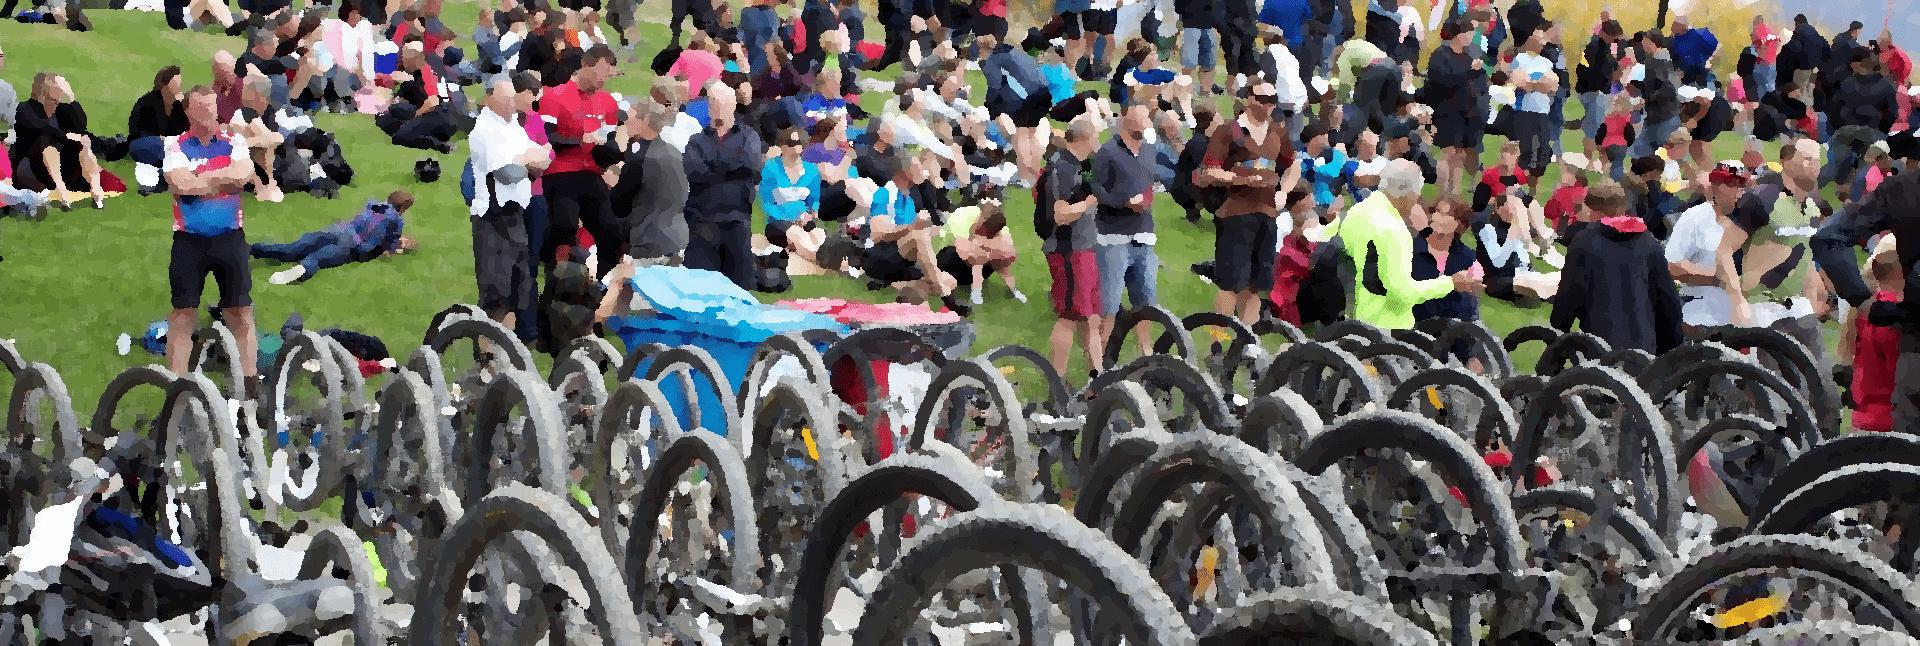 Dicas para proteger a bike em competições